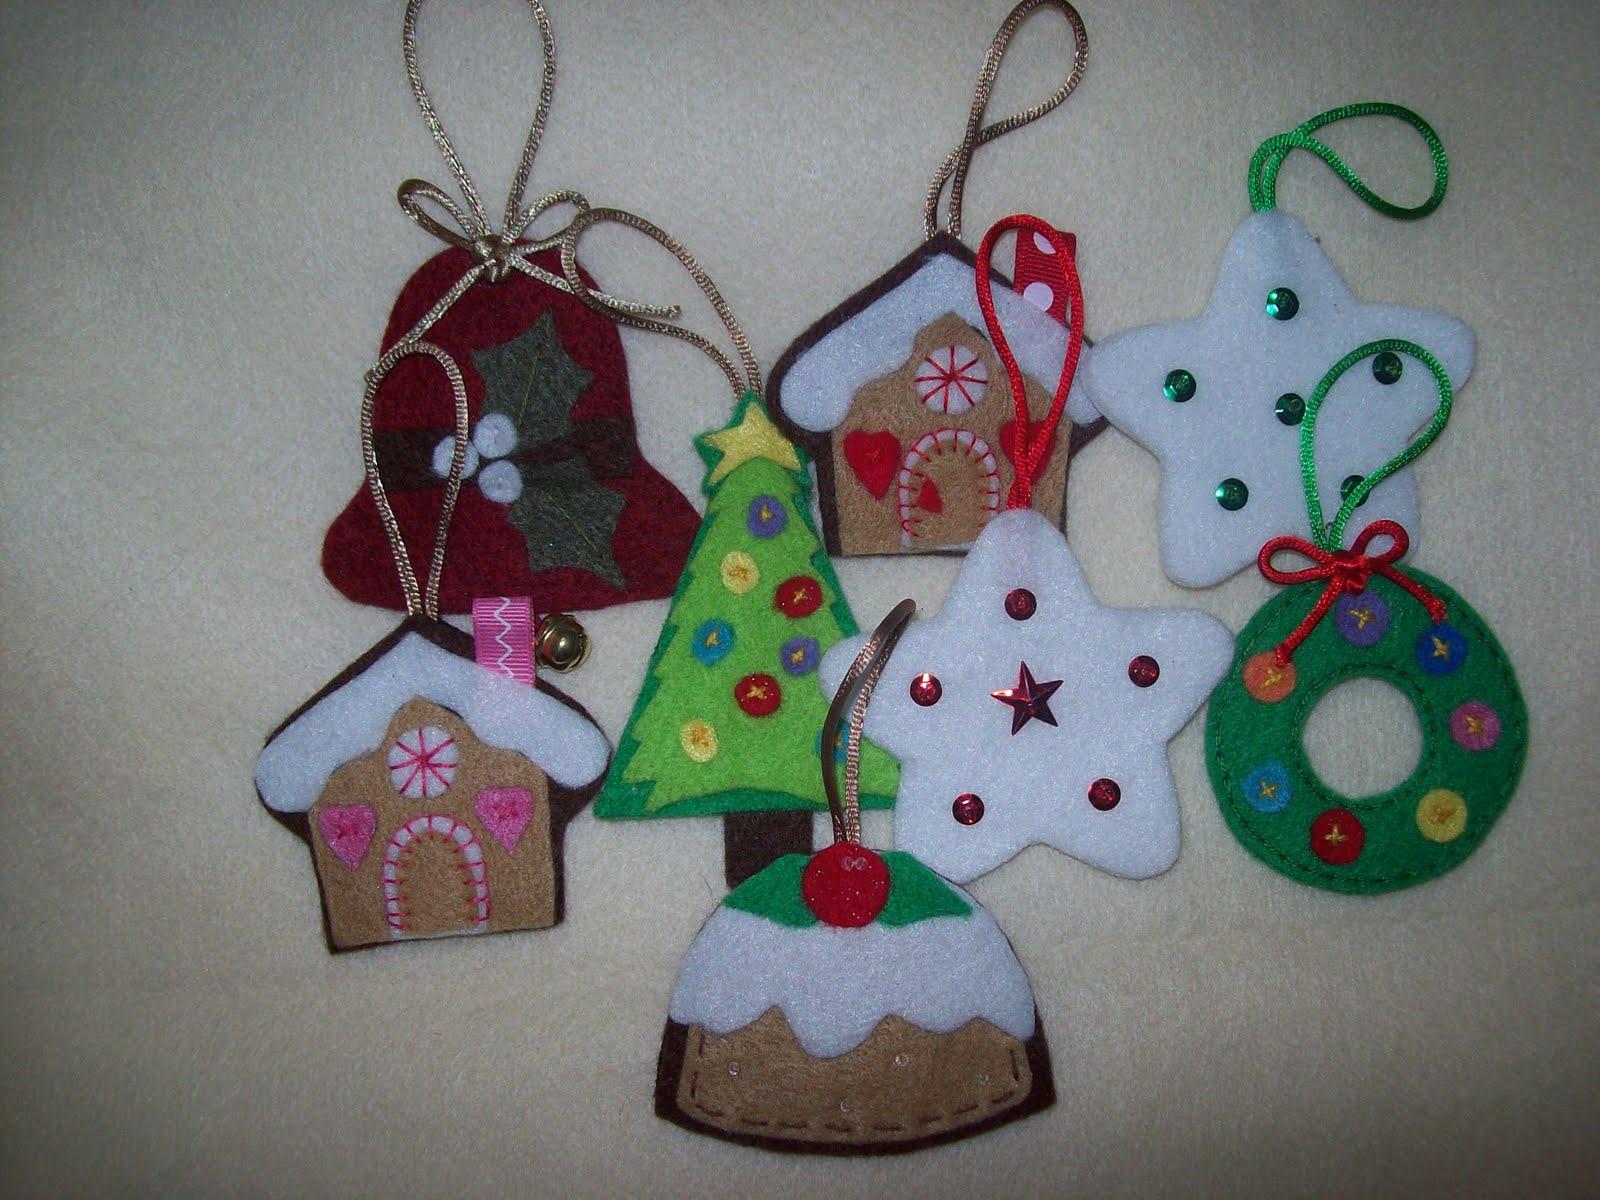 Shexeldetallitos Blog De Manualidades Adornos Para Arbol De Navidad - Manualidades-de-adornos-navideos